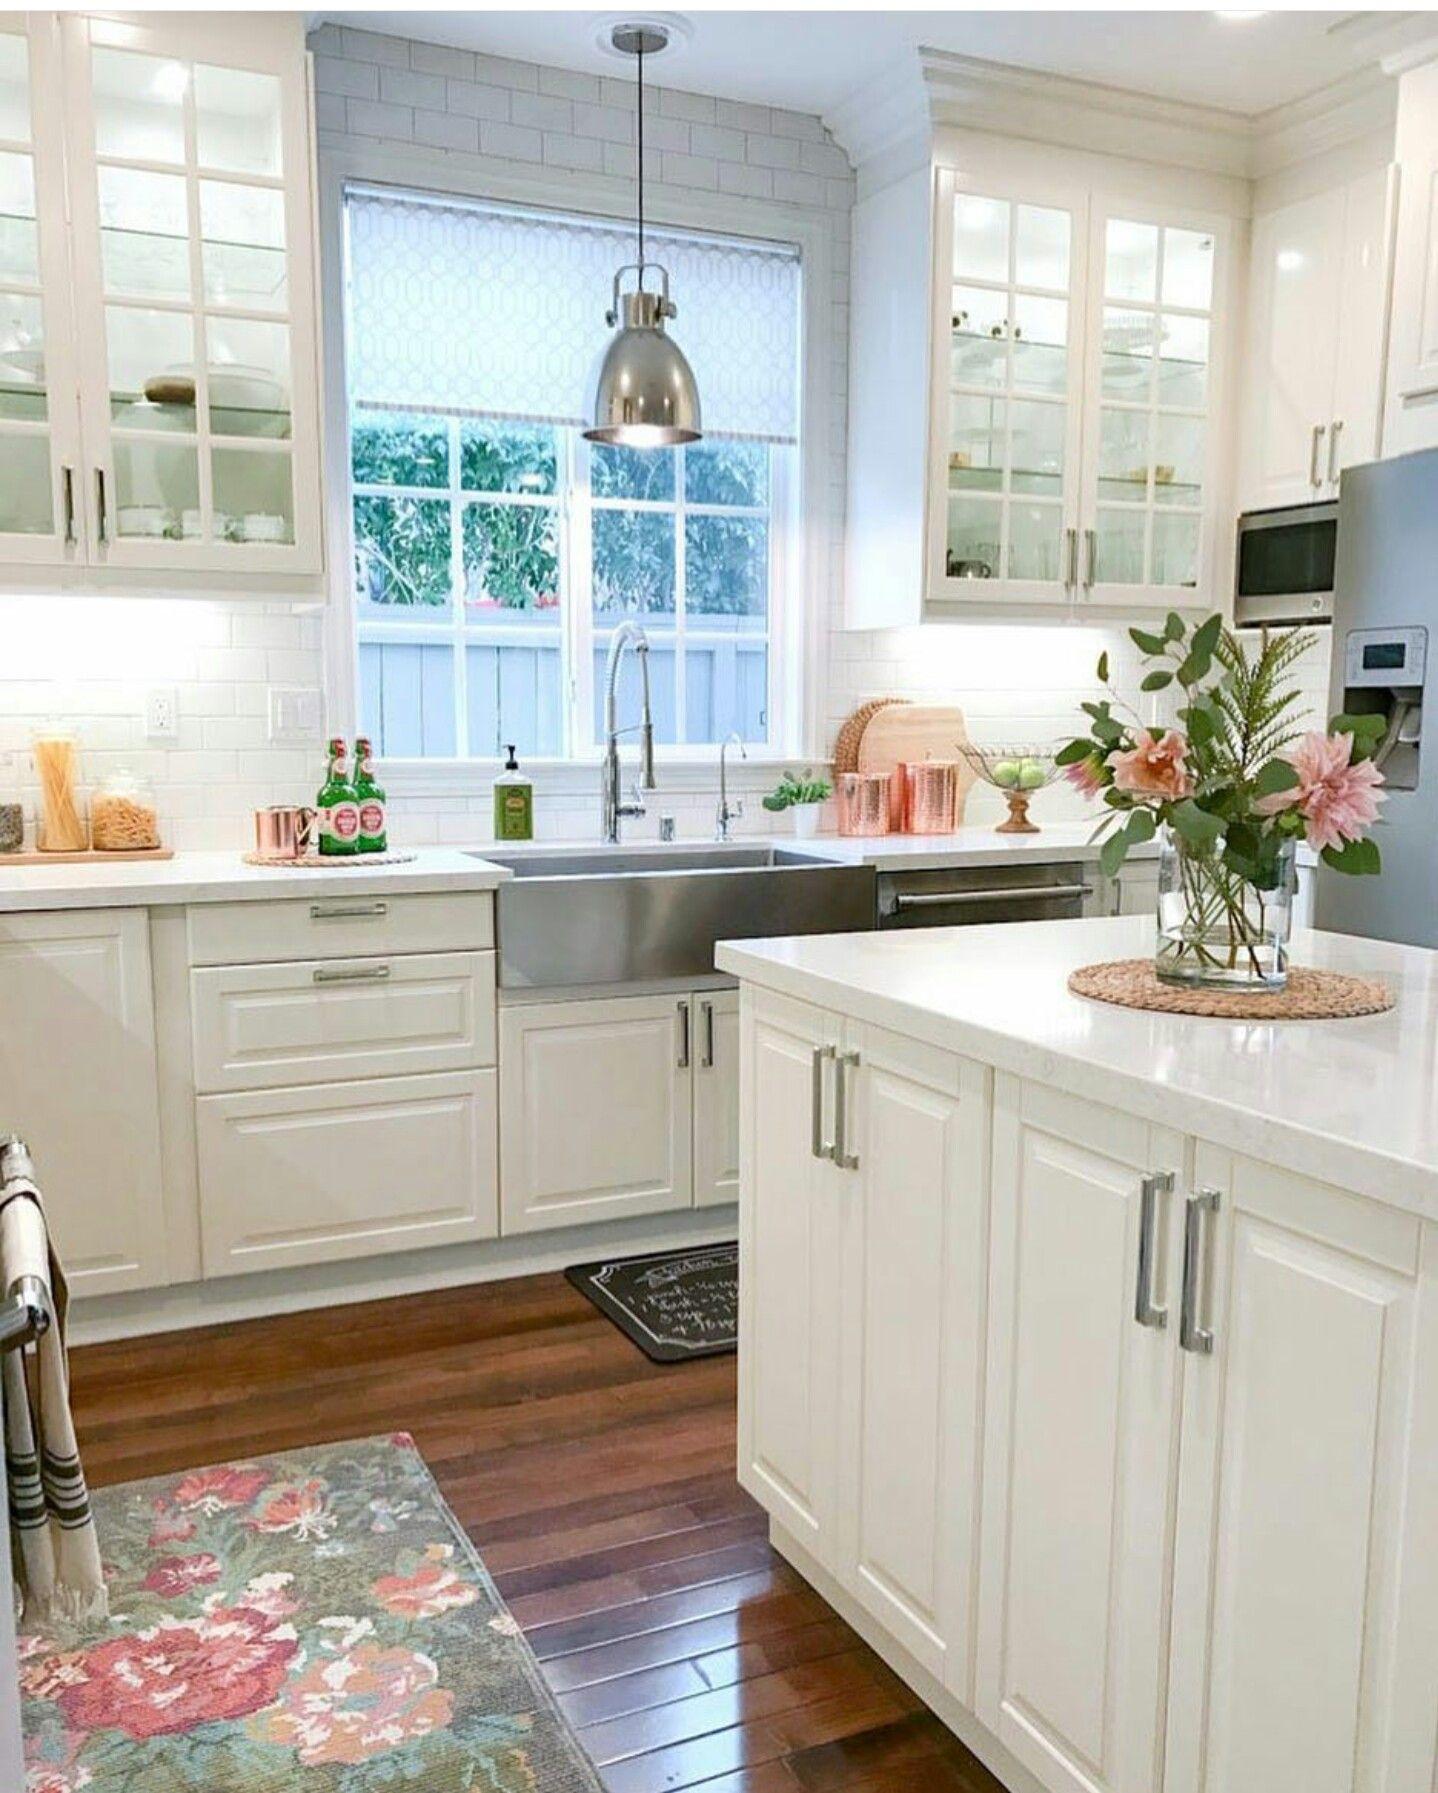 Pin de Bibi en Iluminacion | Pinterest | Cocinas, Diseño de cocina ...